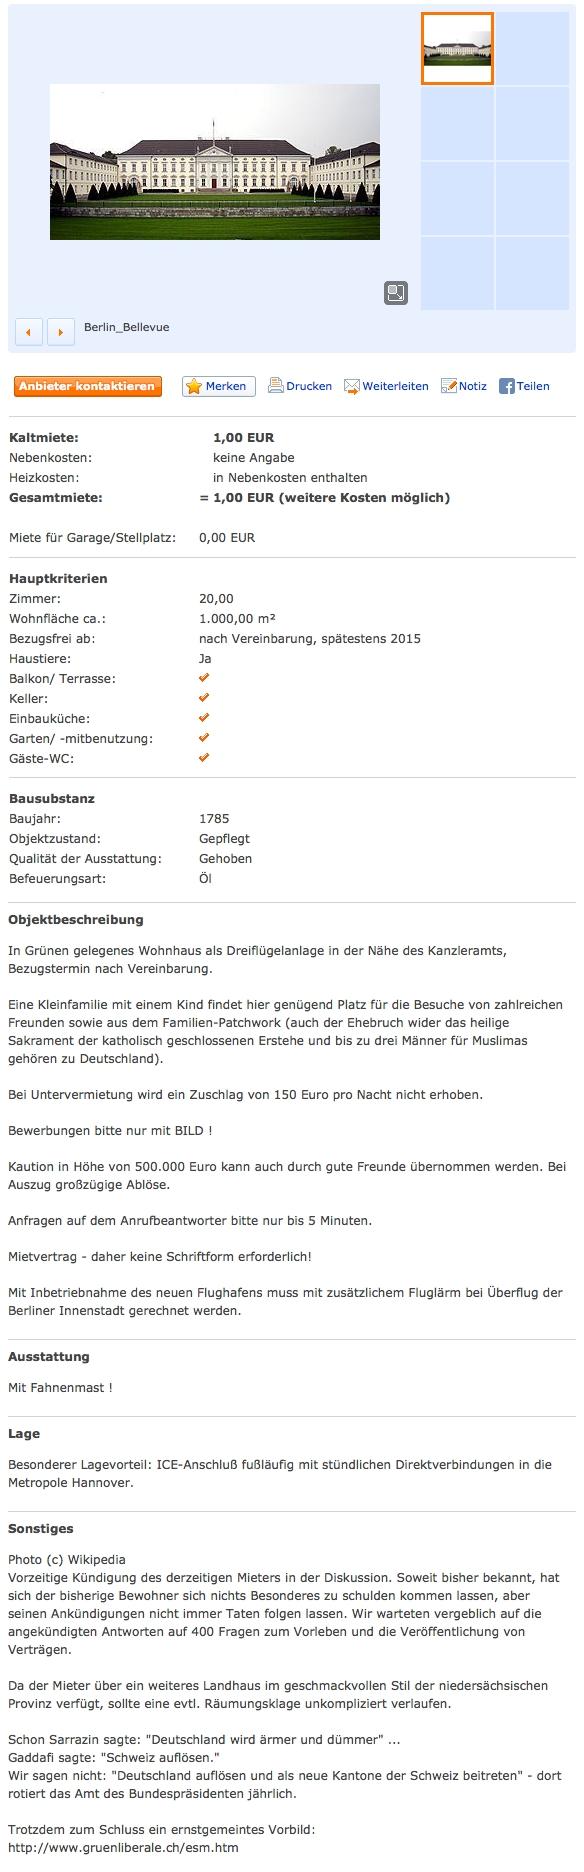 Immobilienscout 24 Anzeige Schloss Bellevue Christian Wullff Schönblick